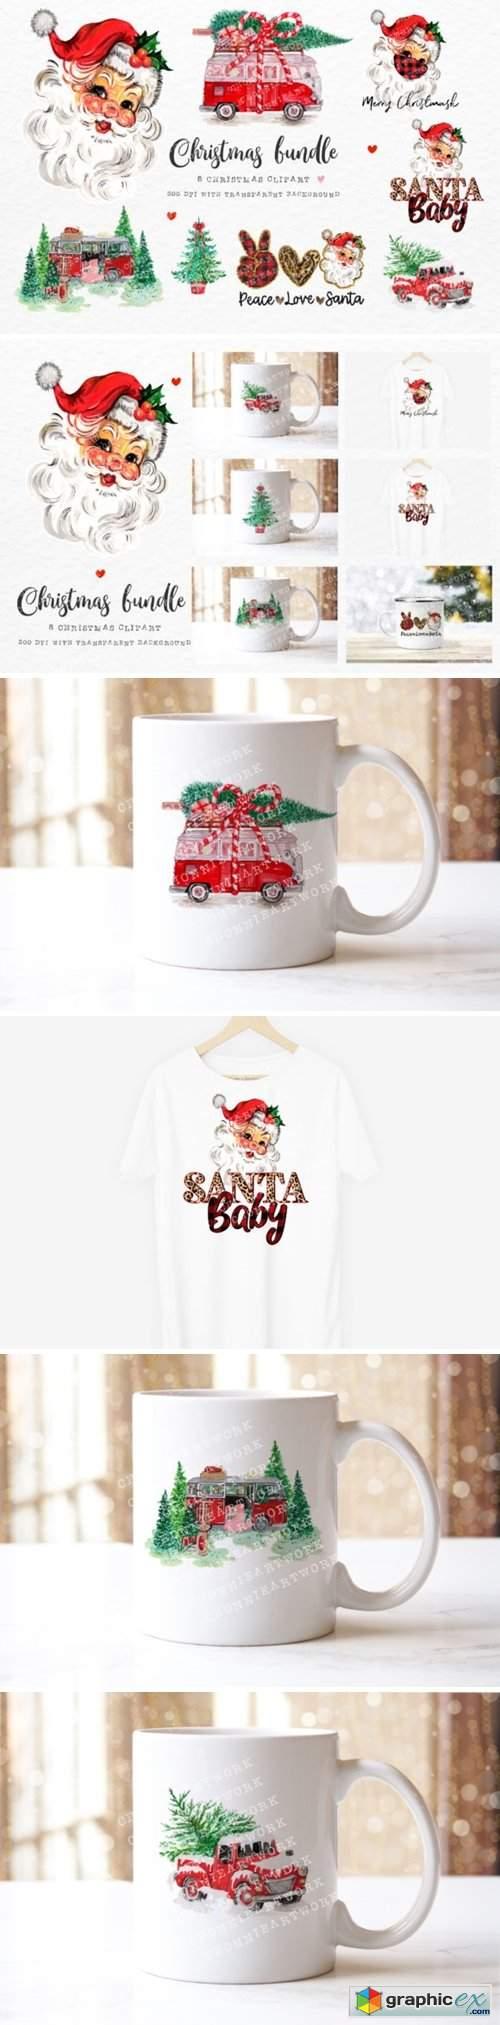 Christmas Bundle with Santa Baby